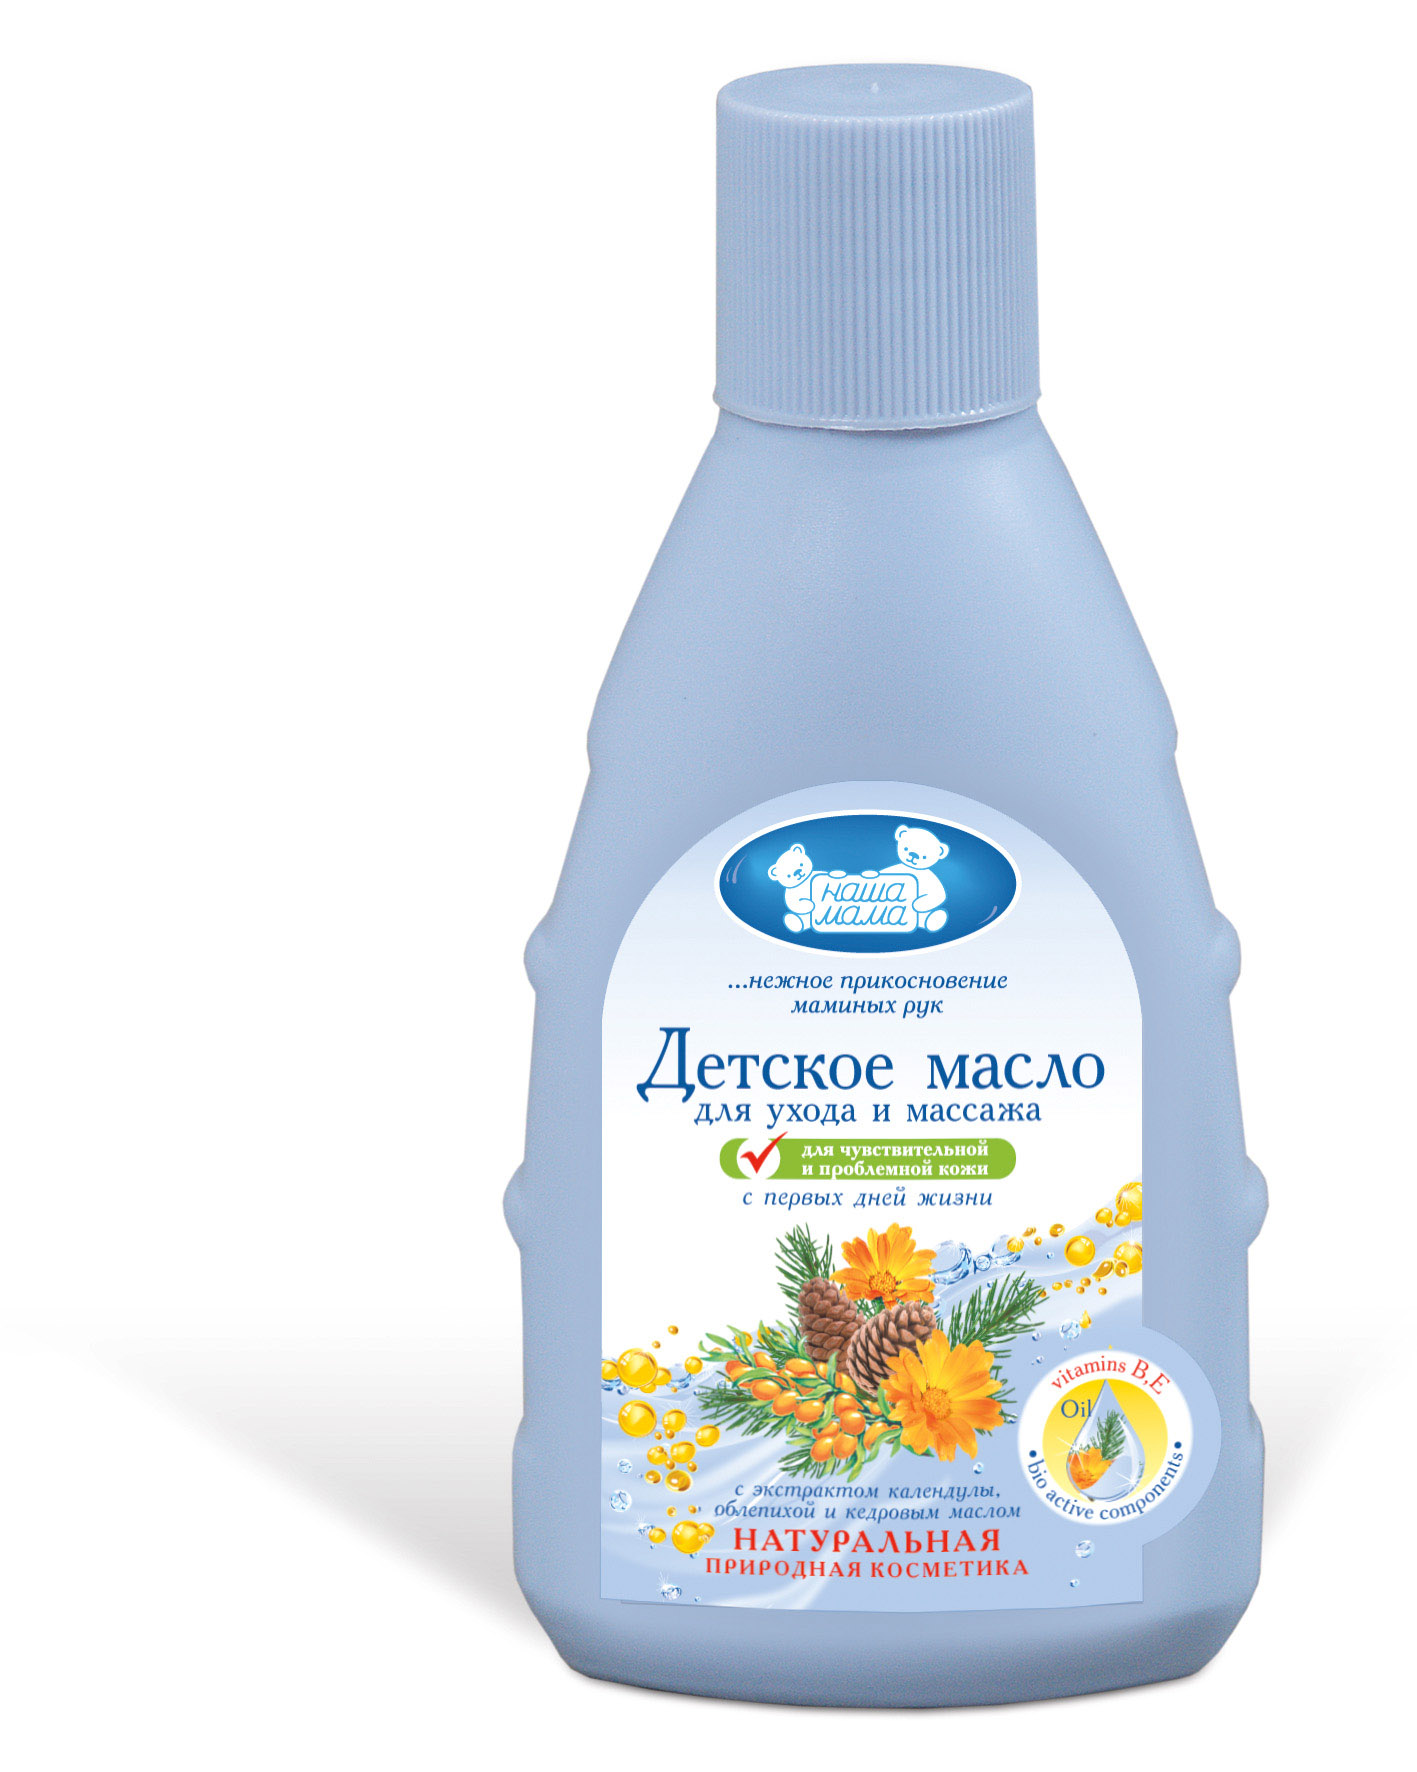 Купить Масло и молочко, Масло для ухода и массажа, 125 мл, Наша Мама, Россия